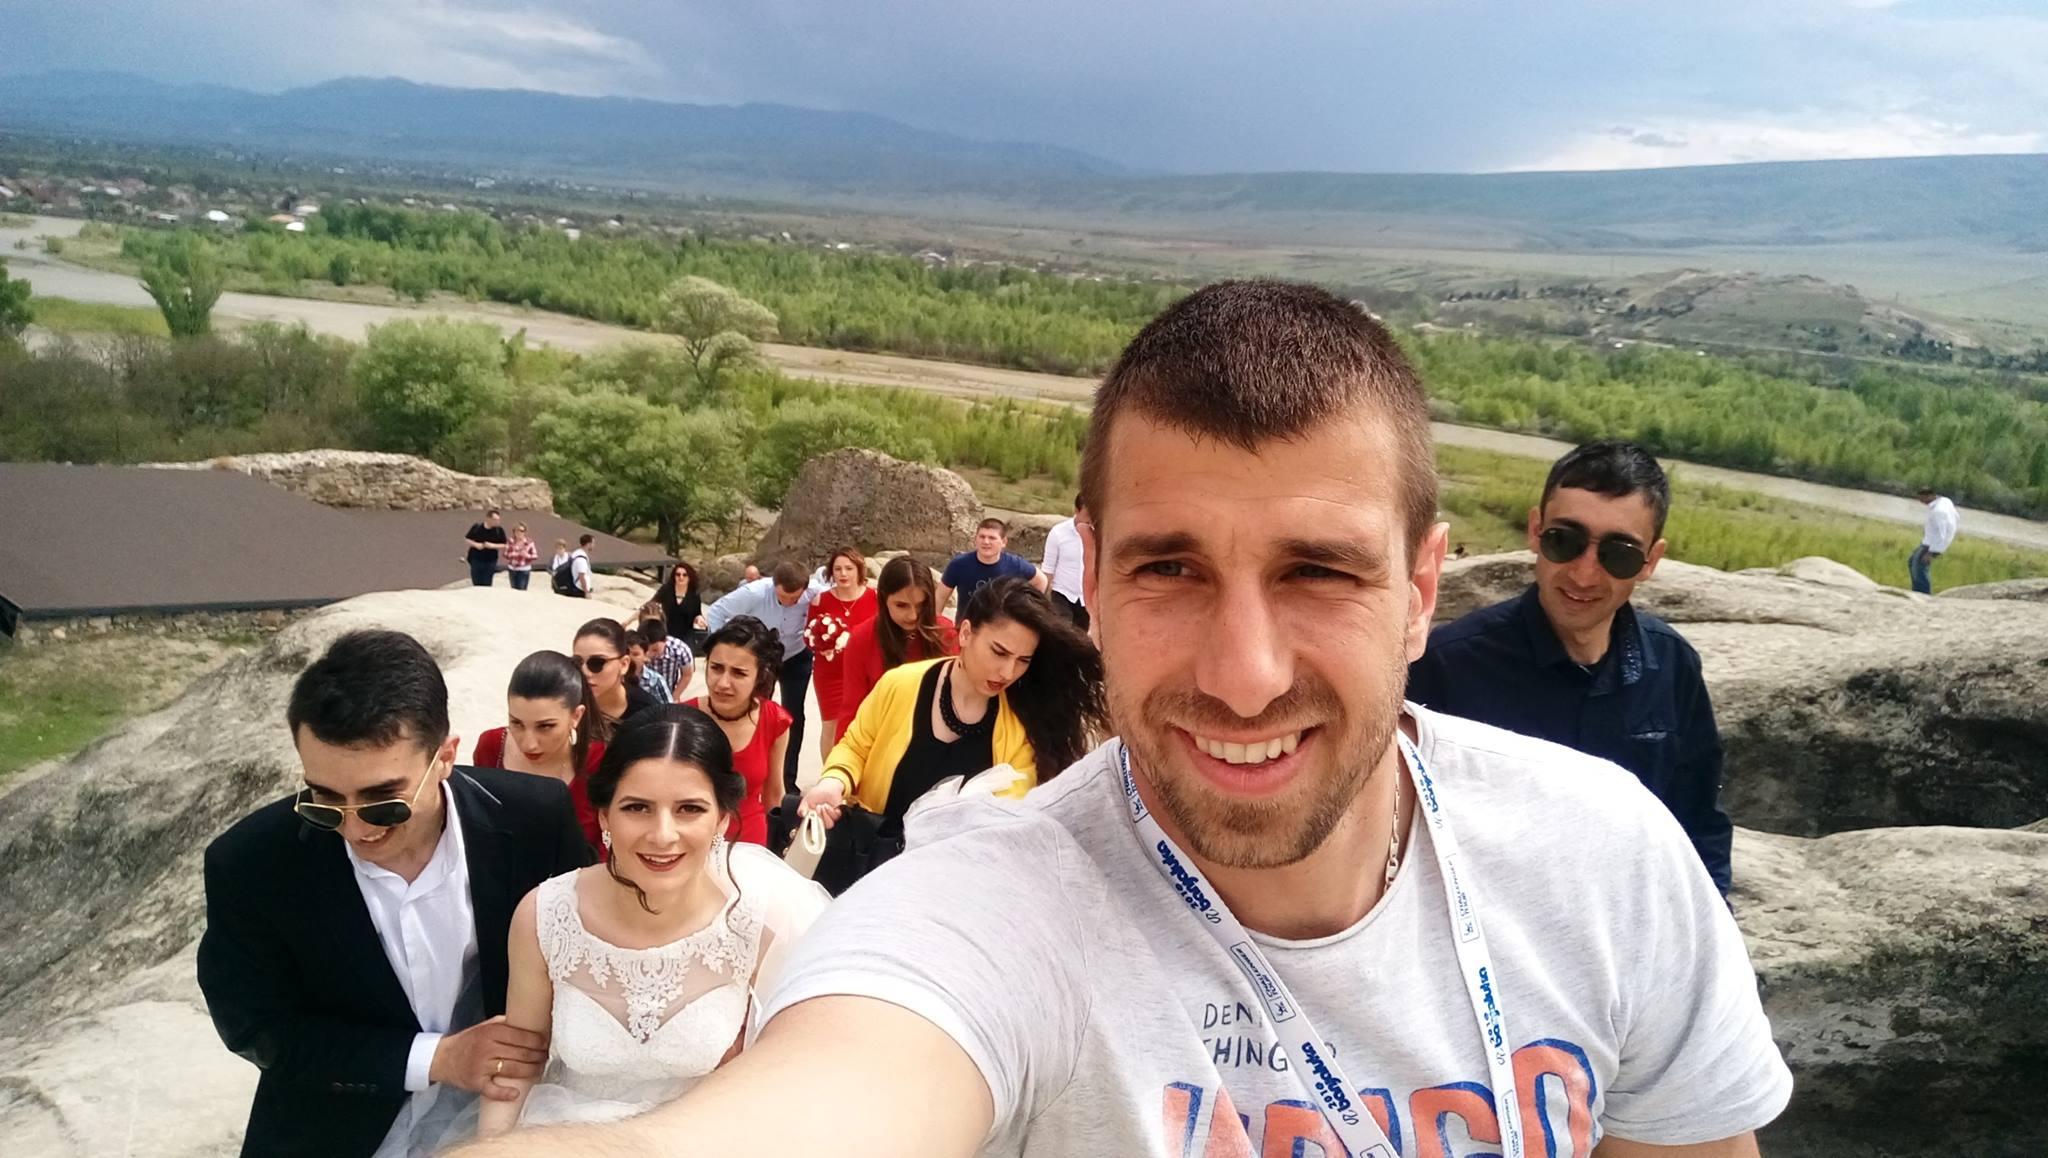 Svadba u Gruziji